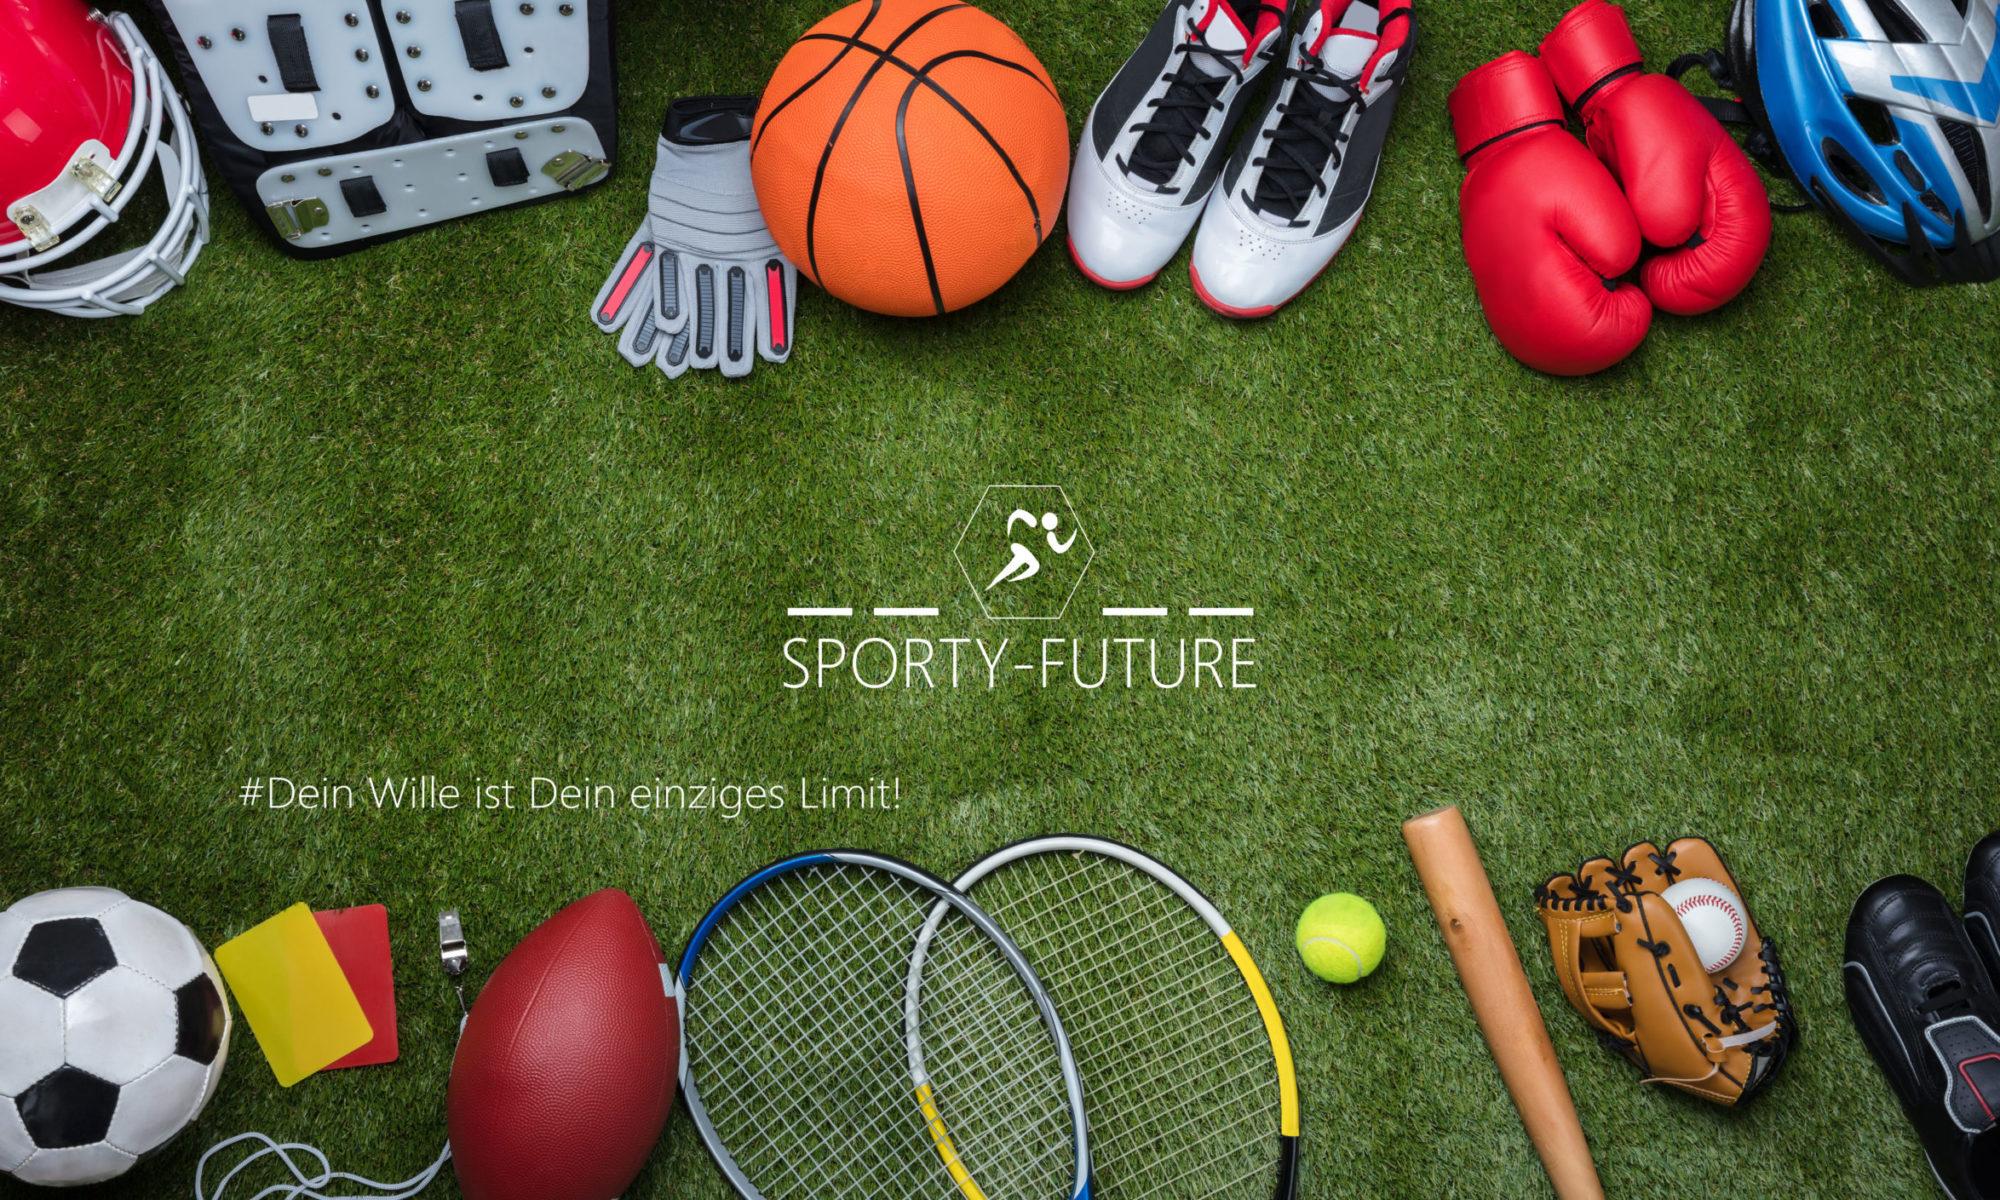 sporty-future